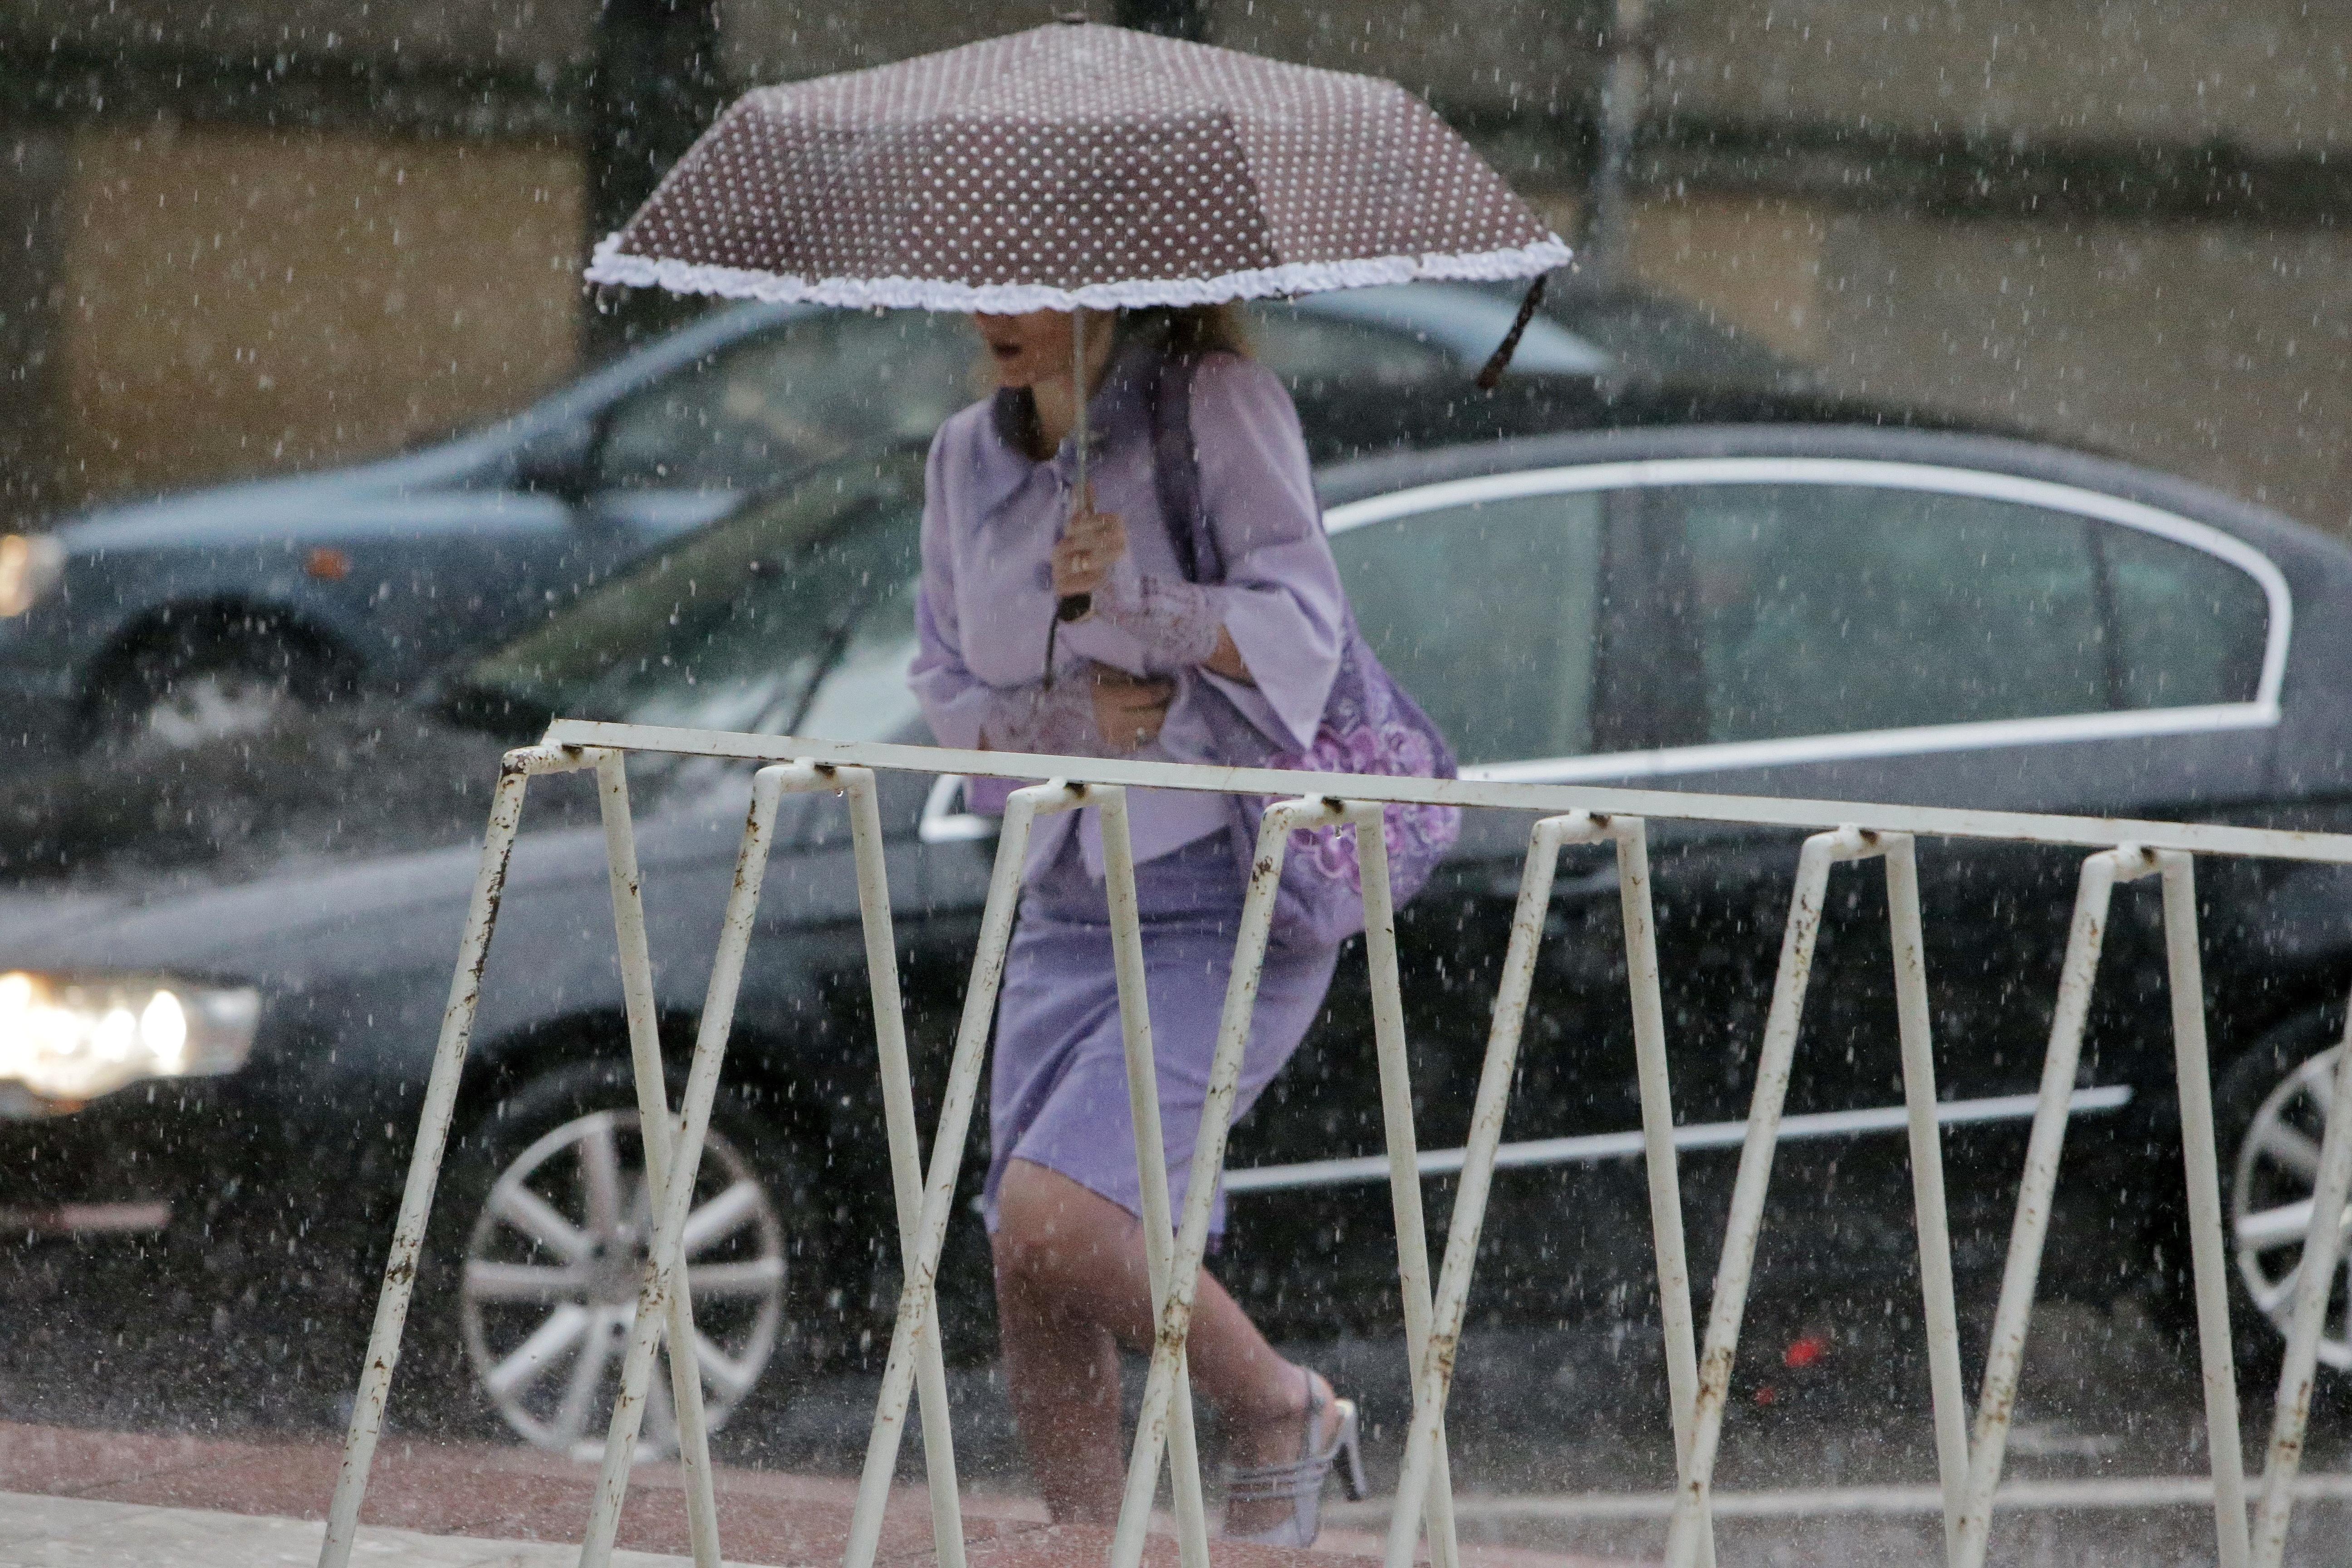 Peste 900 de familii din Prahova au rămas fără curent electric din cauza unei ploi torenţiale